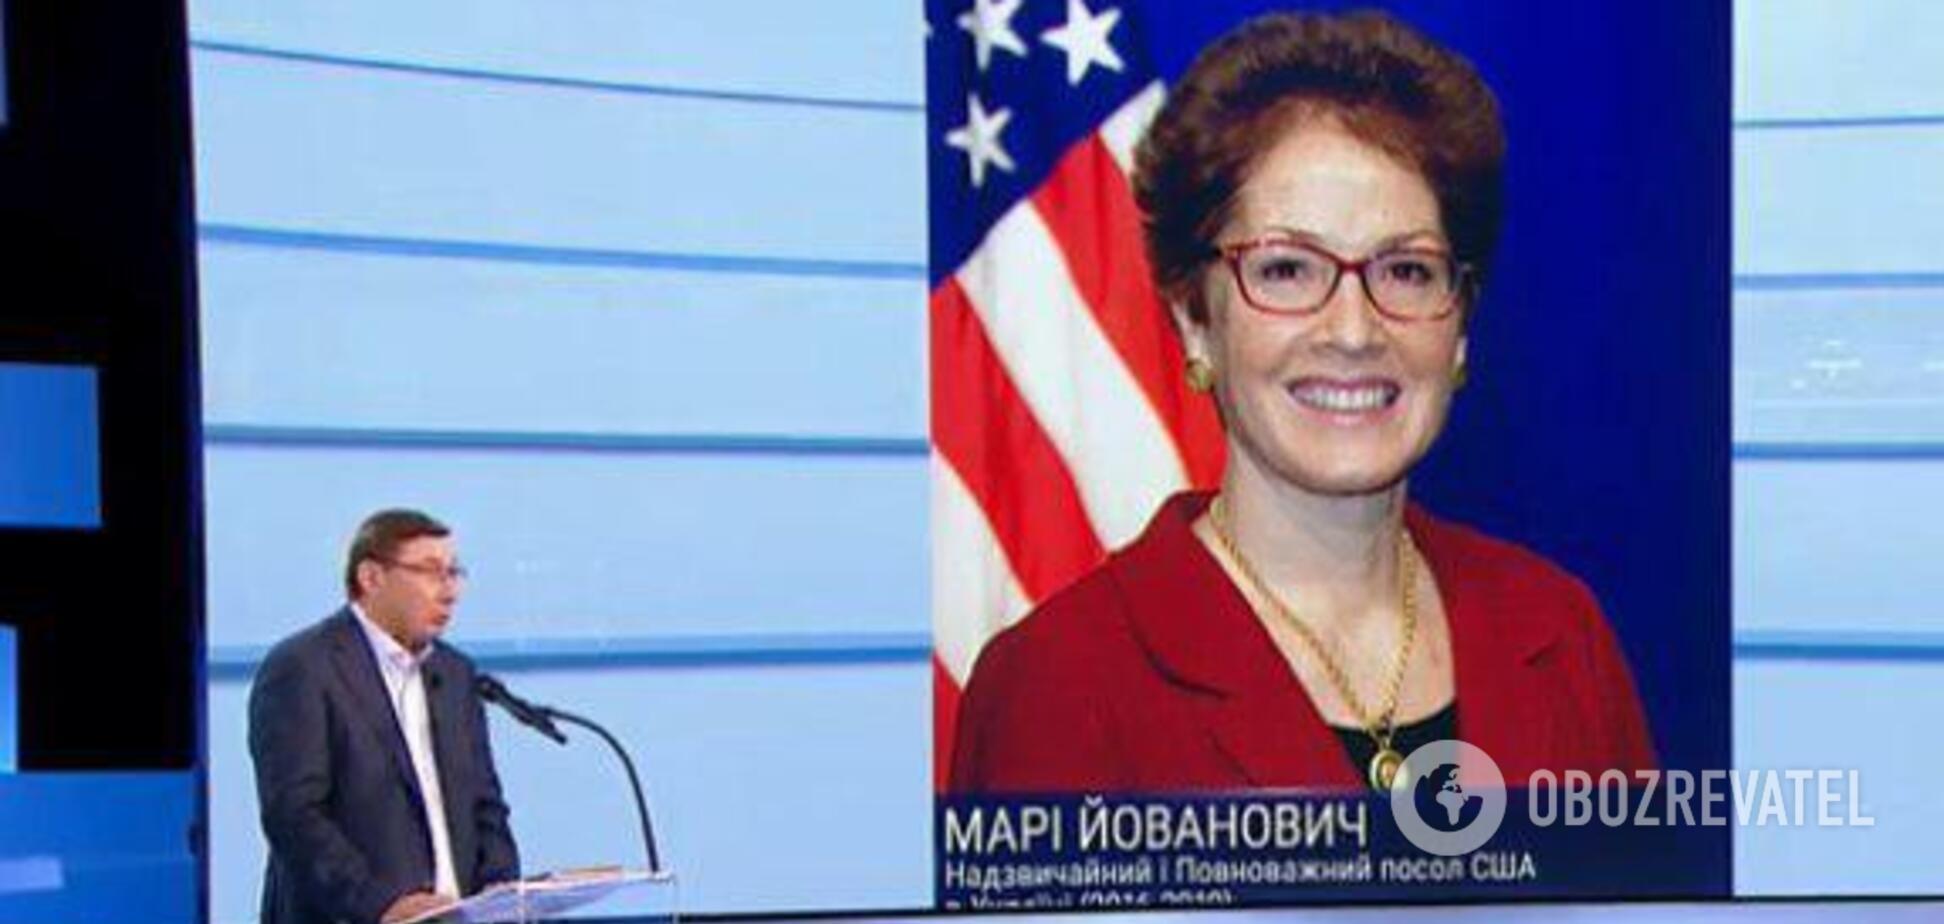 Украина не смогла вернуть $7 млрд из-за Йованович – Луценко